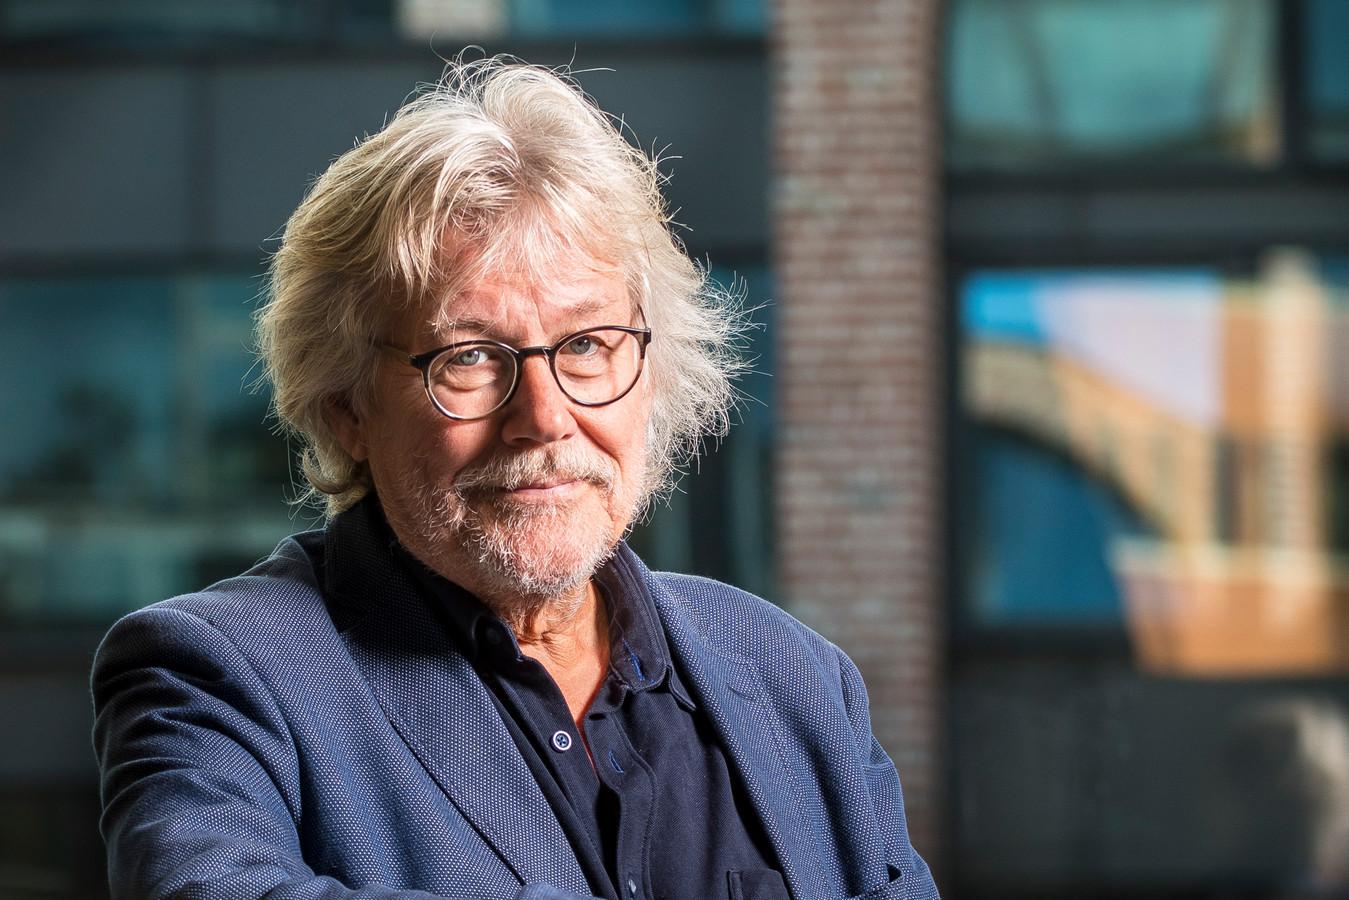 Milieuwethouder Henk Nijhof is het oneens met de uitlatingen van klimatoloog Ap Cloosterman dat het eigenlijk onzinnig is om in Nijverdal en directe omgeving windmolens te plaatsen.